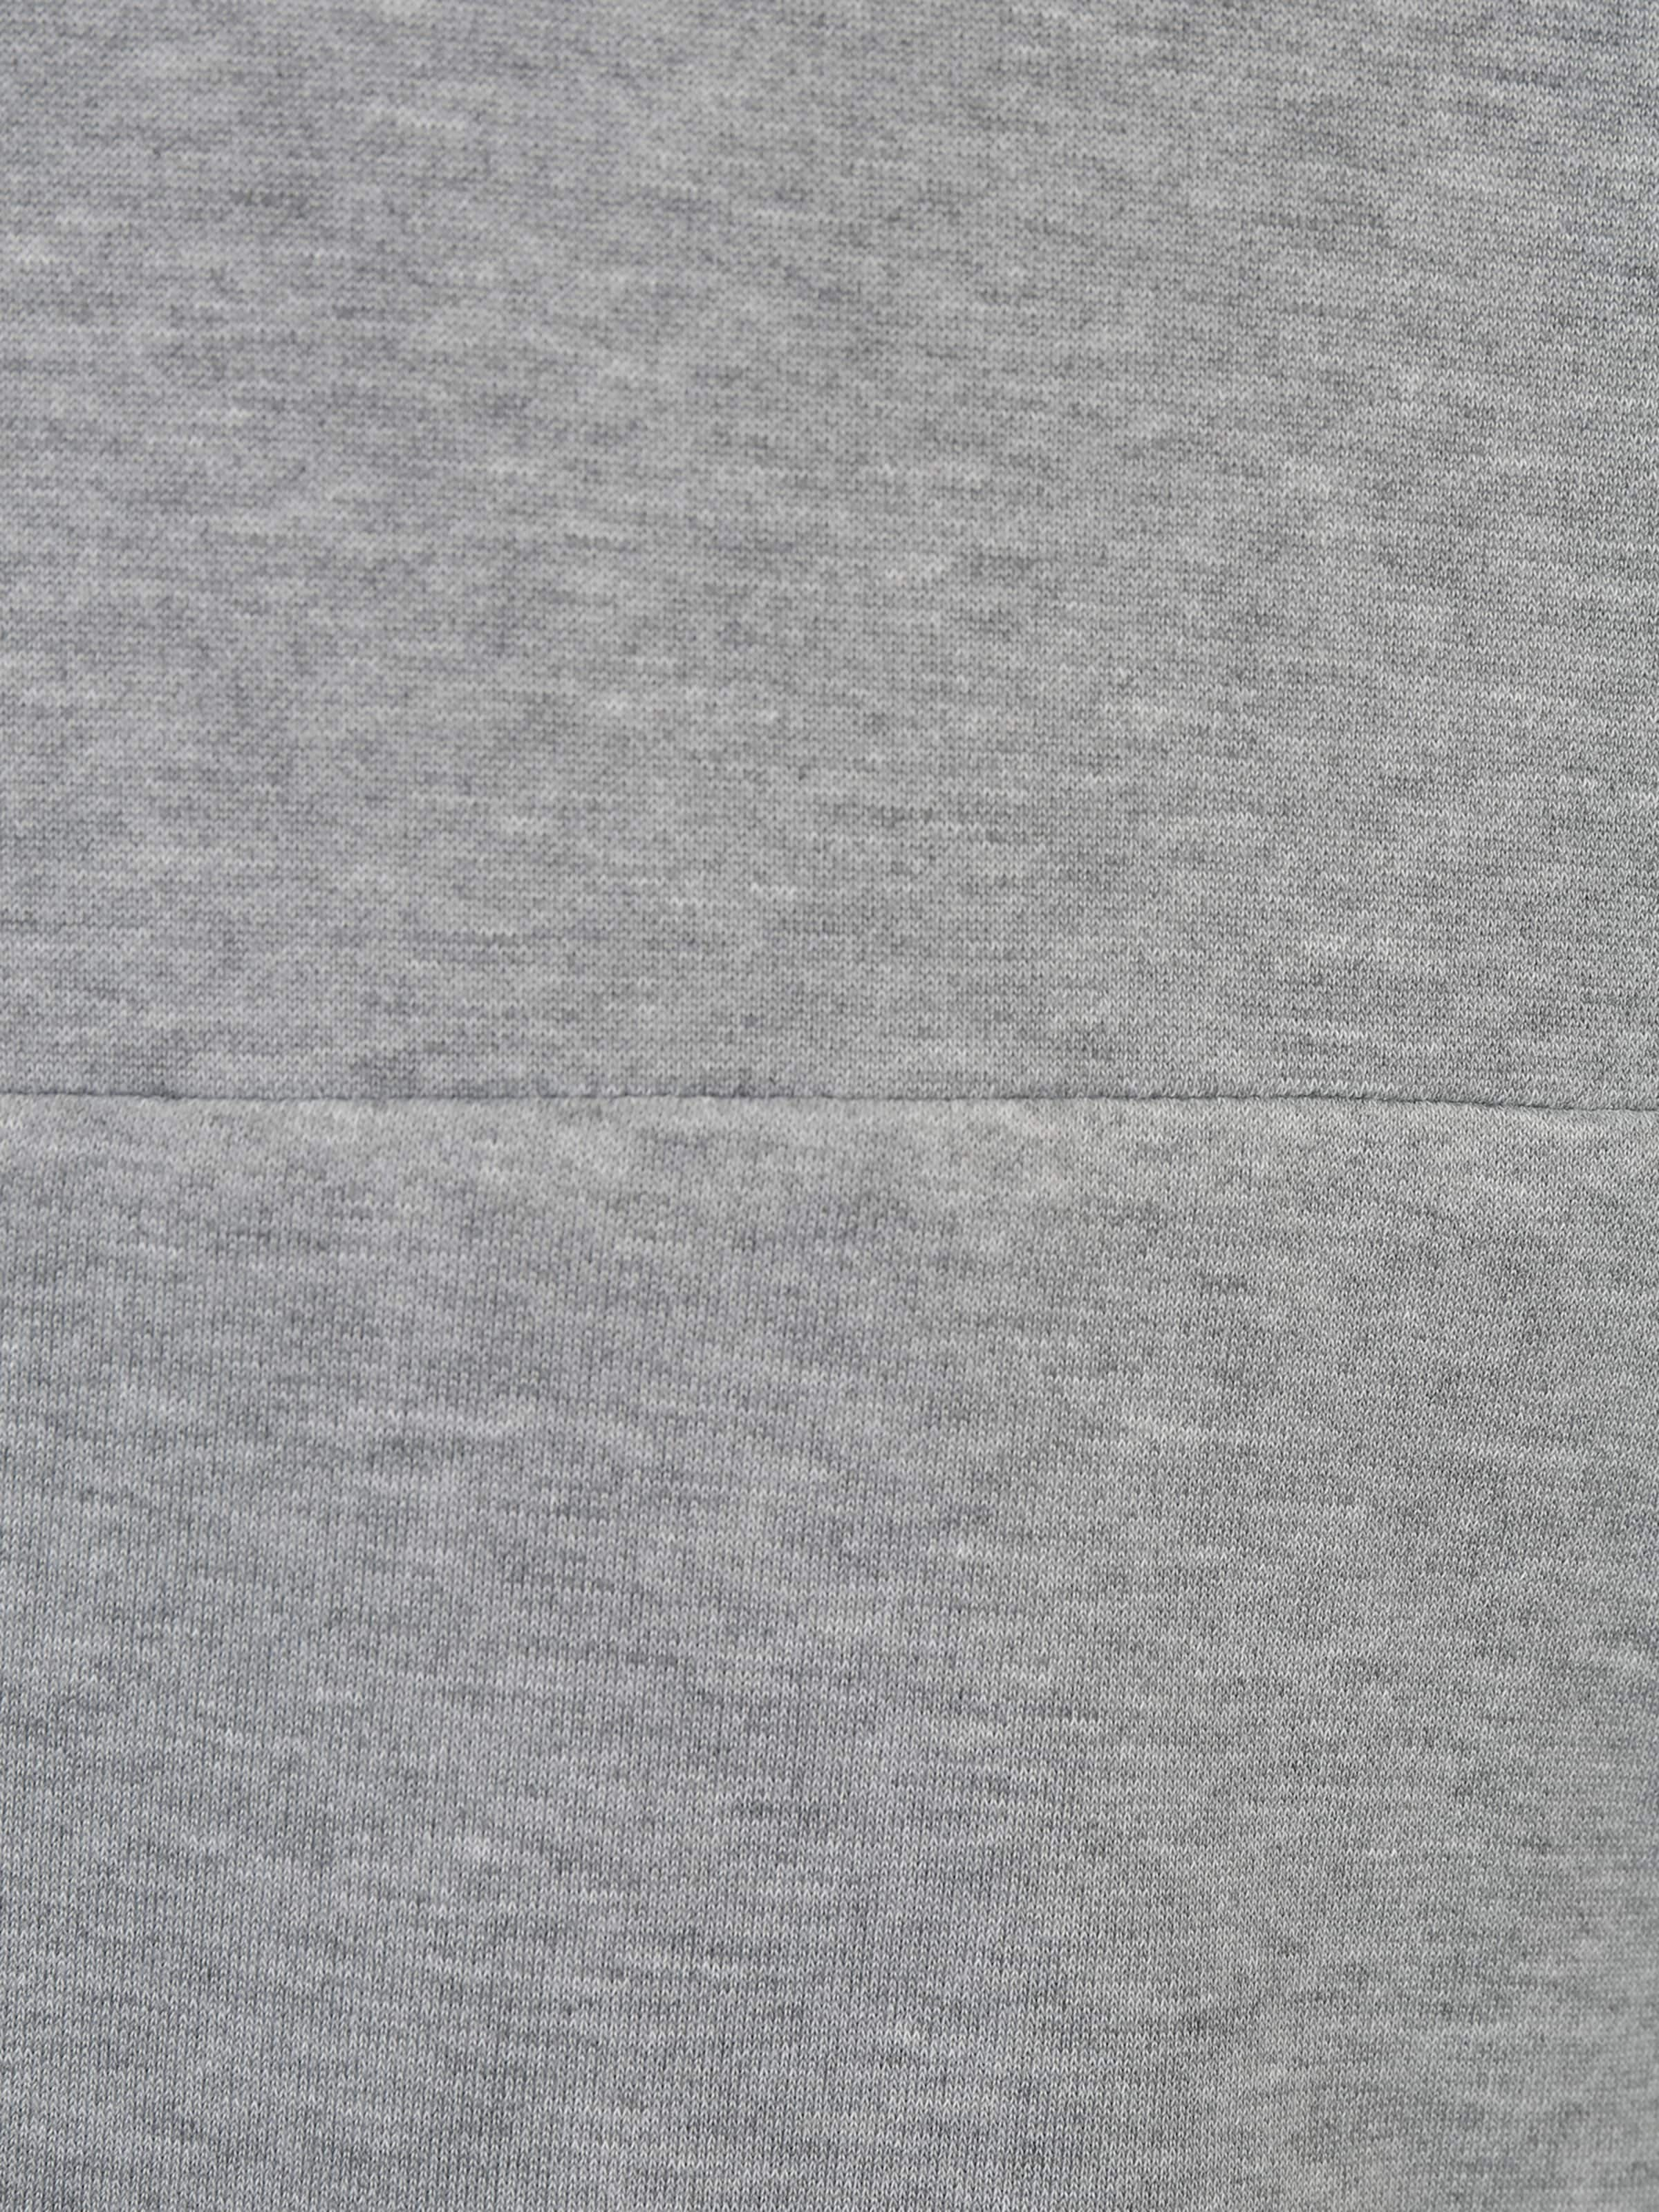 Günstig Kaufen 100% Original NIKE Sportpullover mit Swoosh-Print Grenze Angebot Billig Heißen Verkauf Günstig Online Rabatt Bester Großhandel Billig Heißen Verkauf BeUzgKBaP